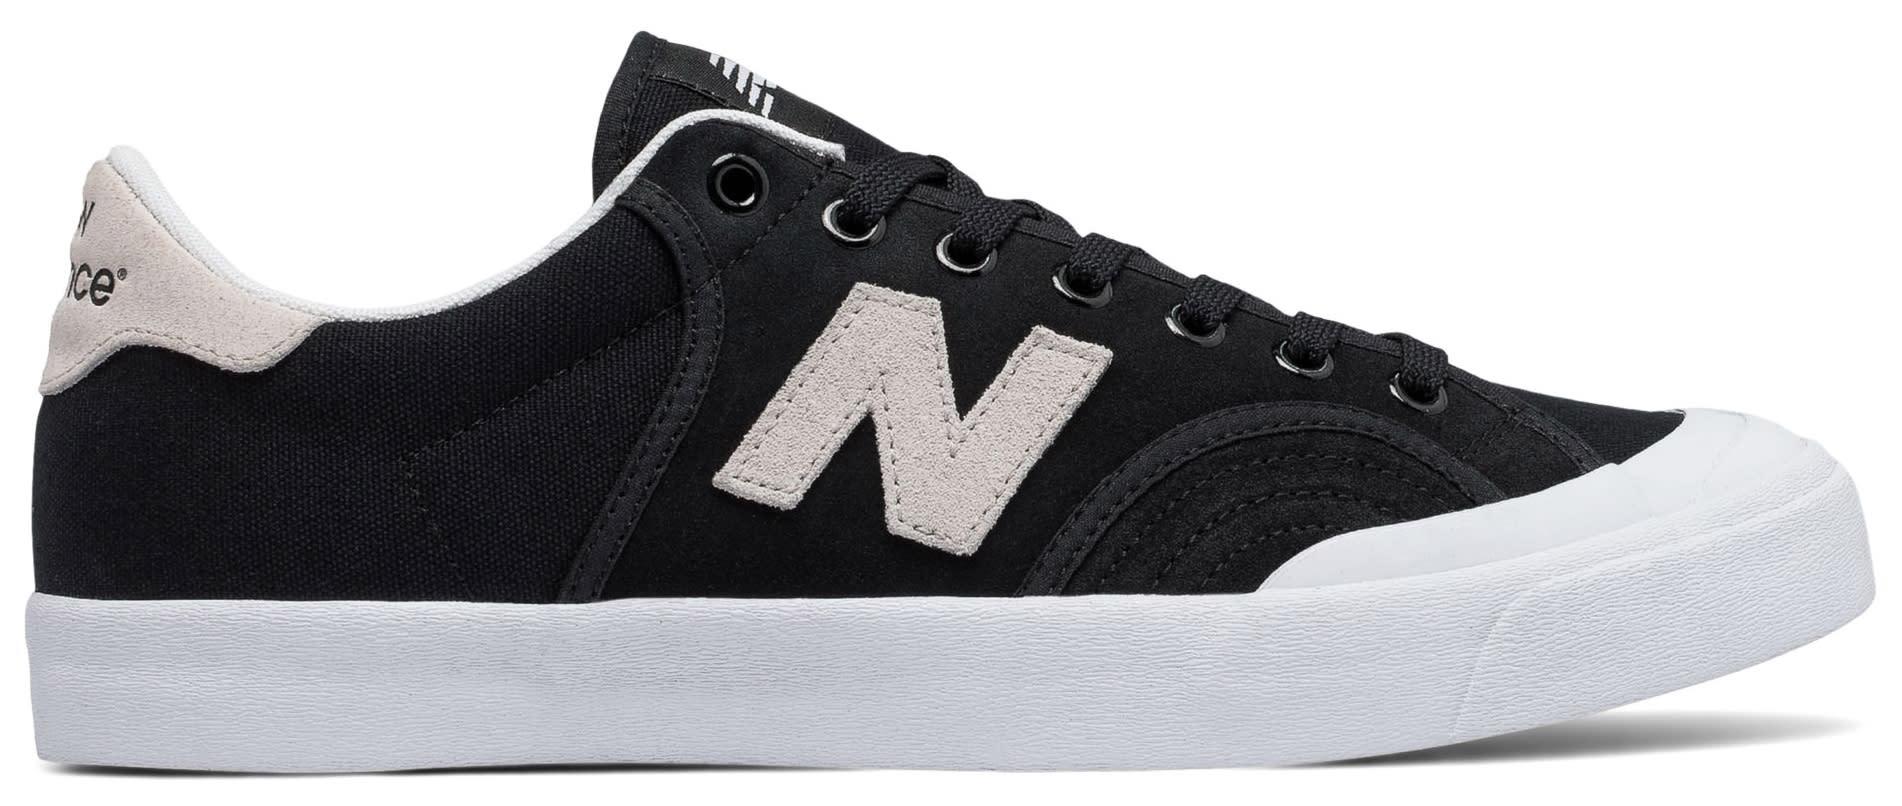 2702425de7ccf New Balance Numeric Pro Court 212 Skate Shoes - thumbnail 1